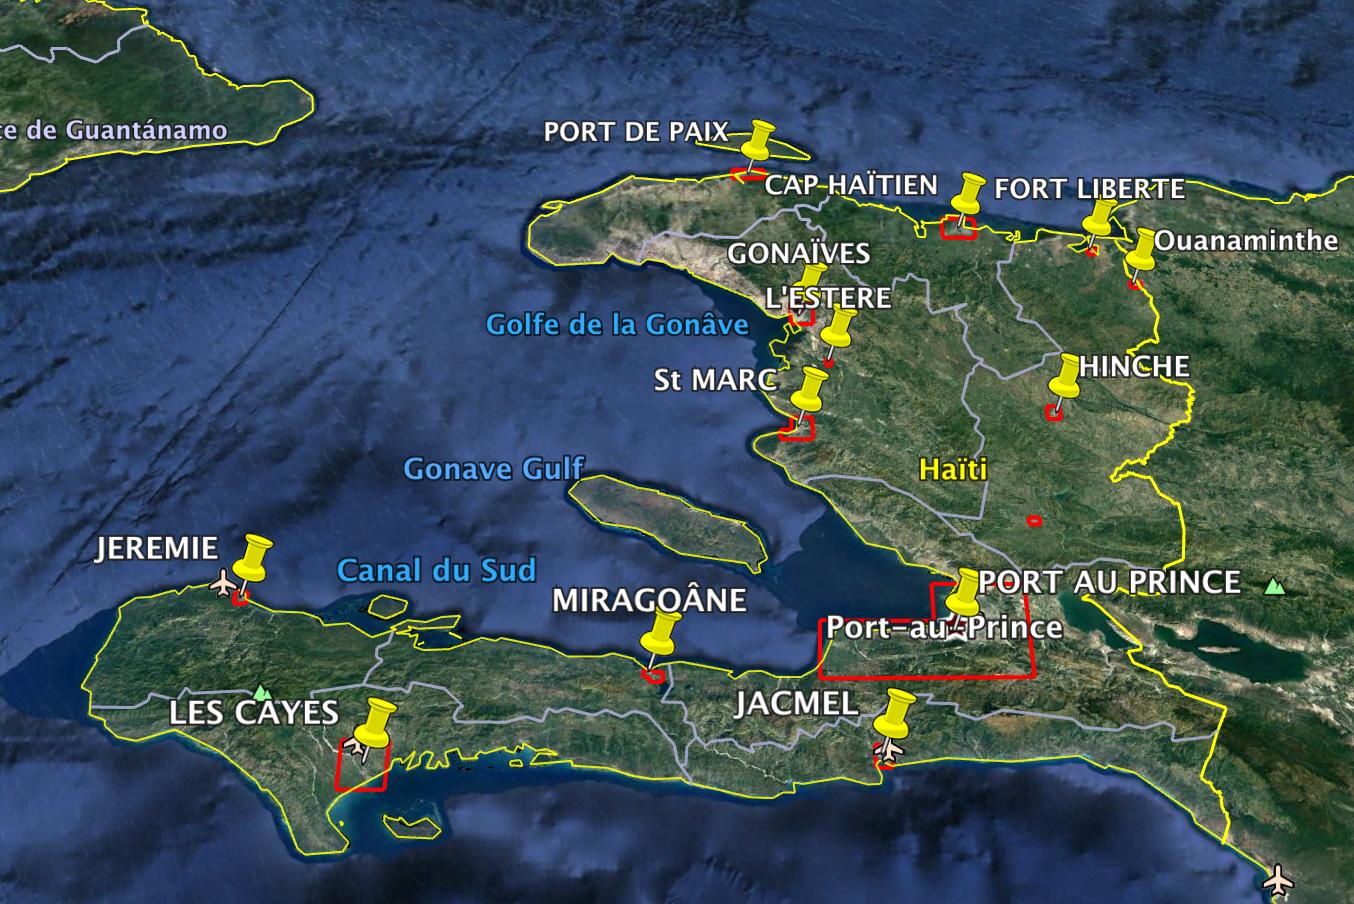 IMAO-Cities-Haïti